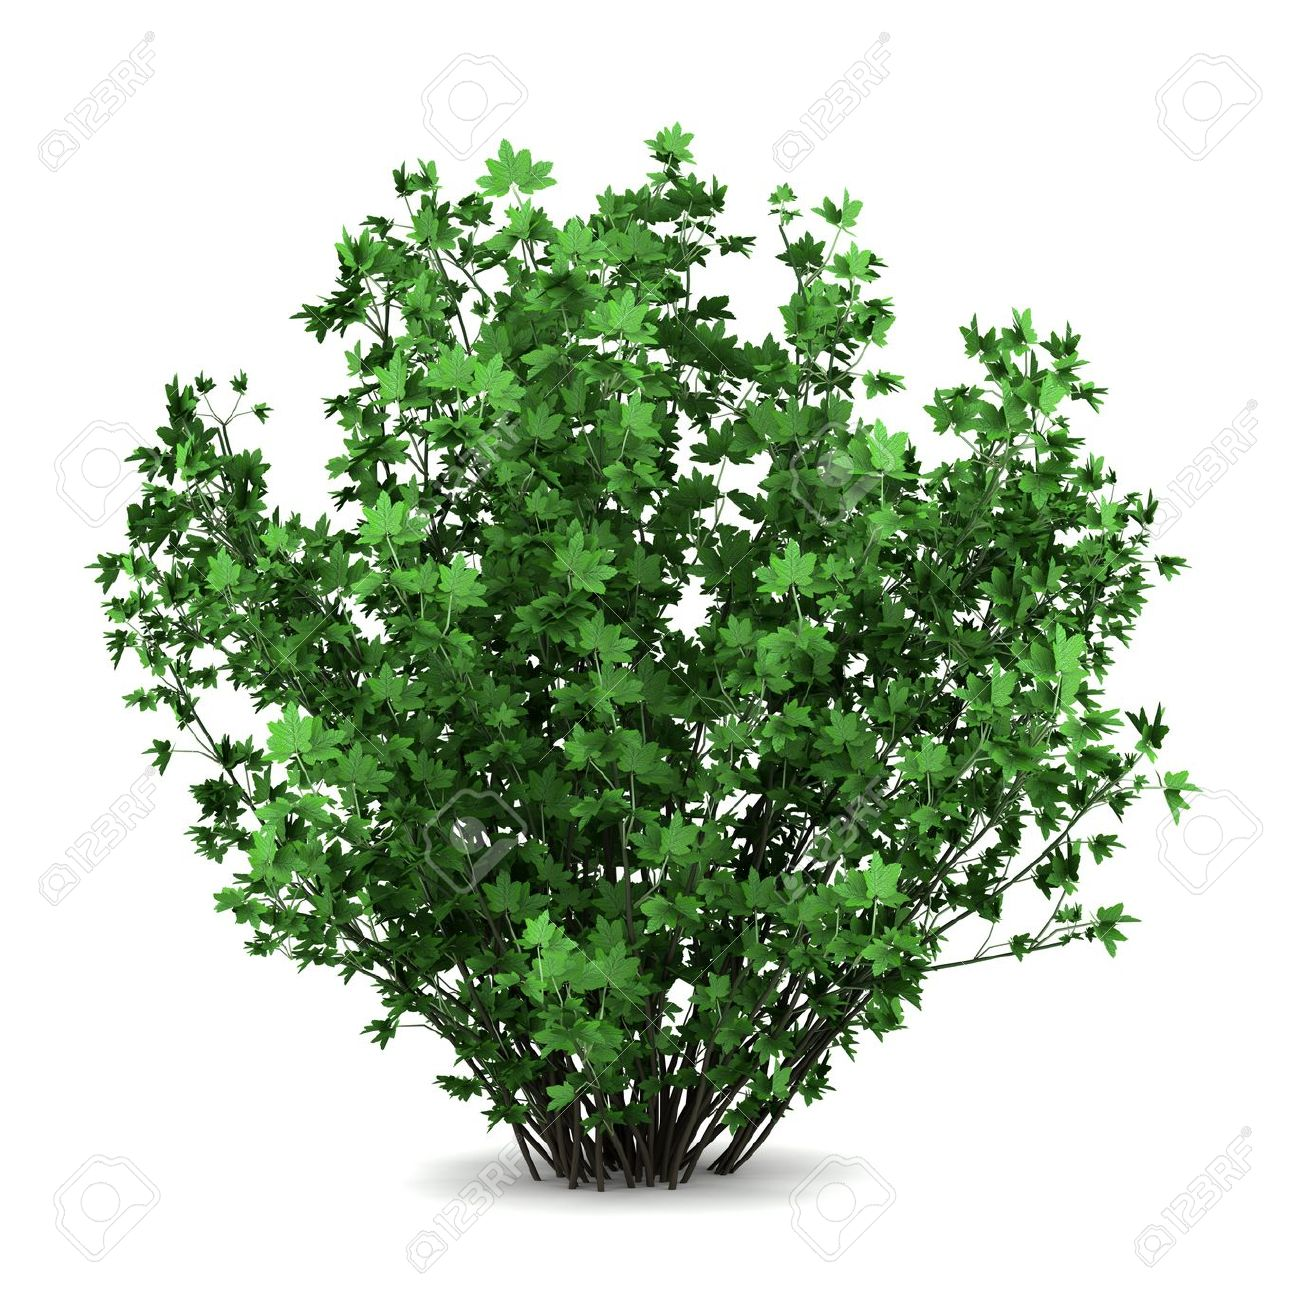 Drawn shrub tree background Plants previews 123rf images com